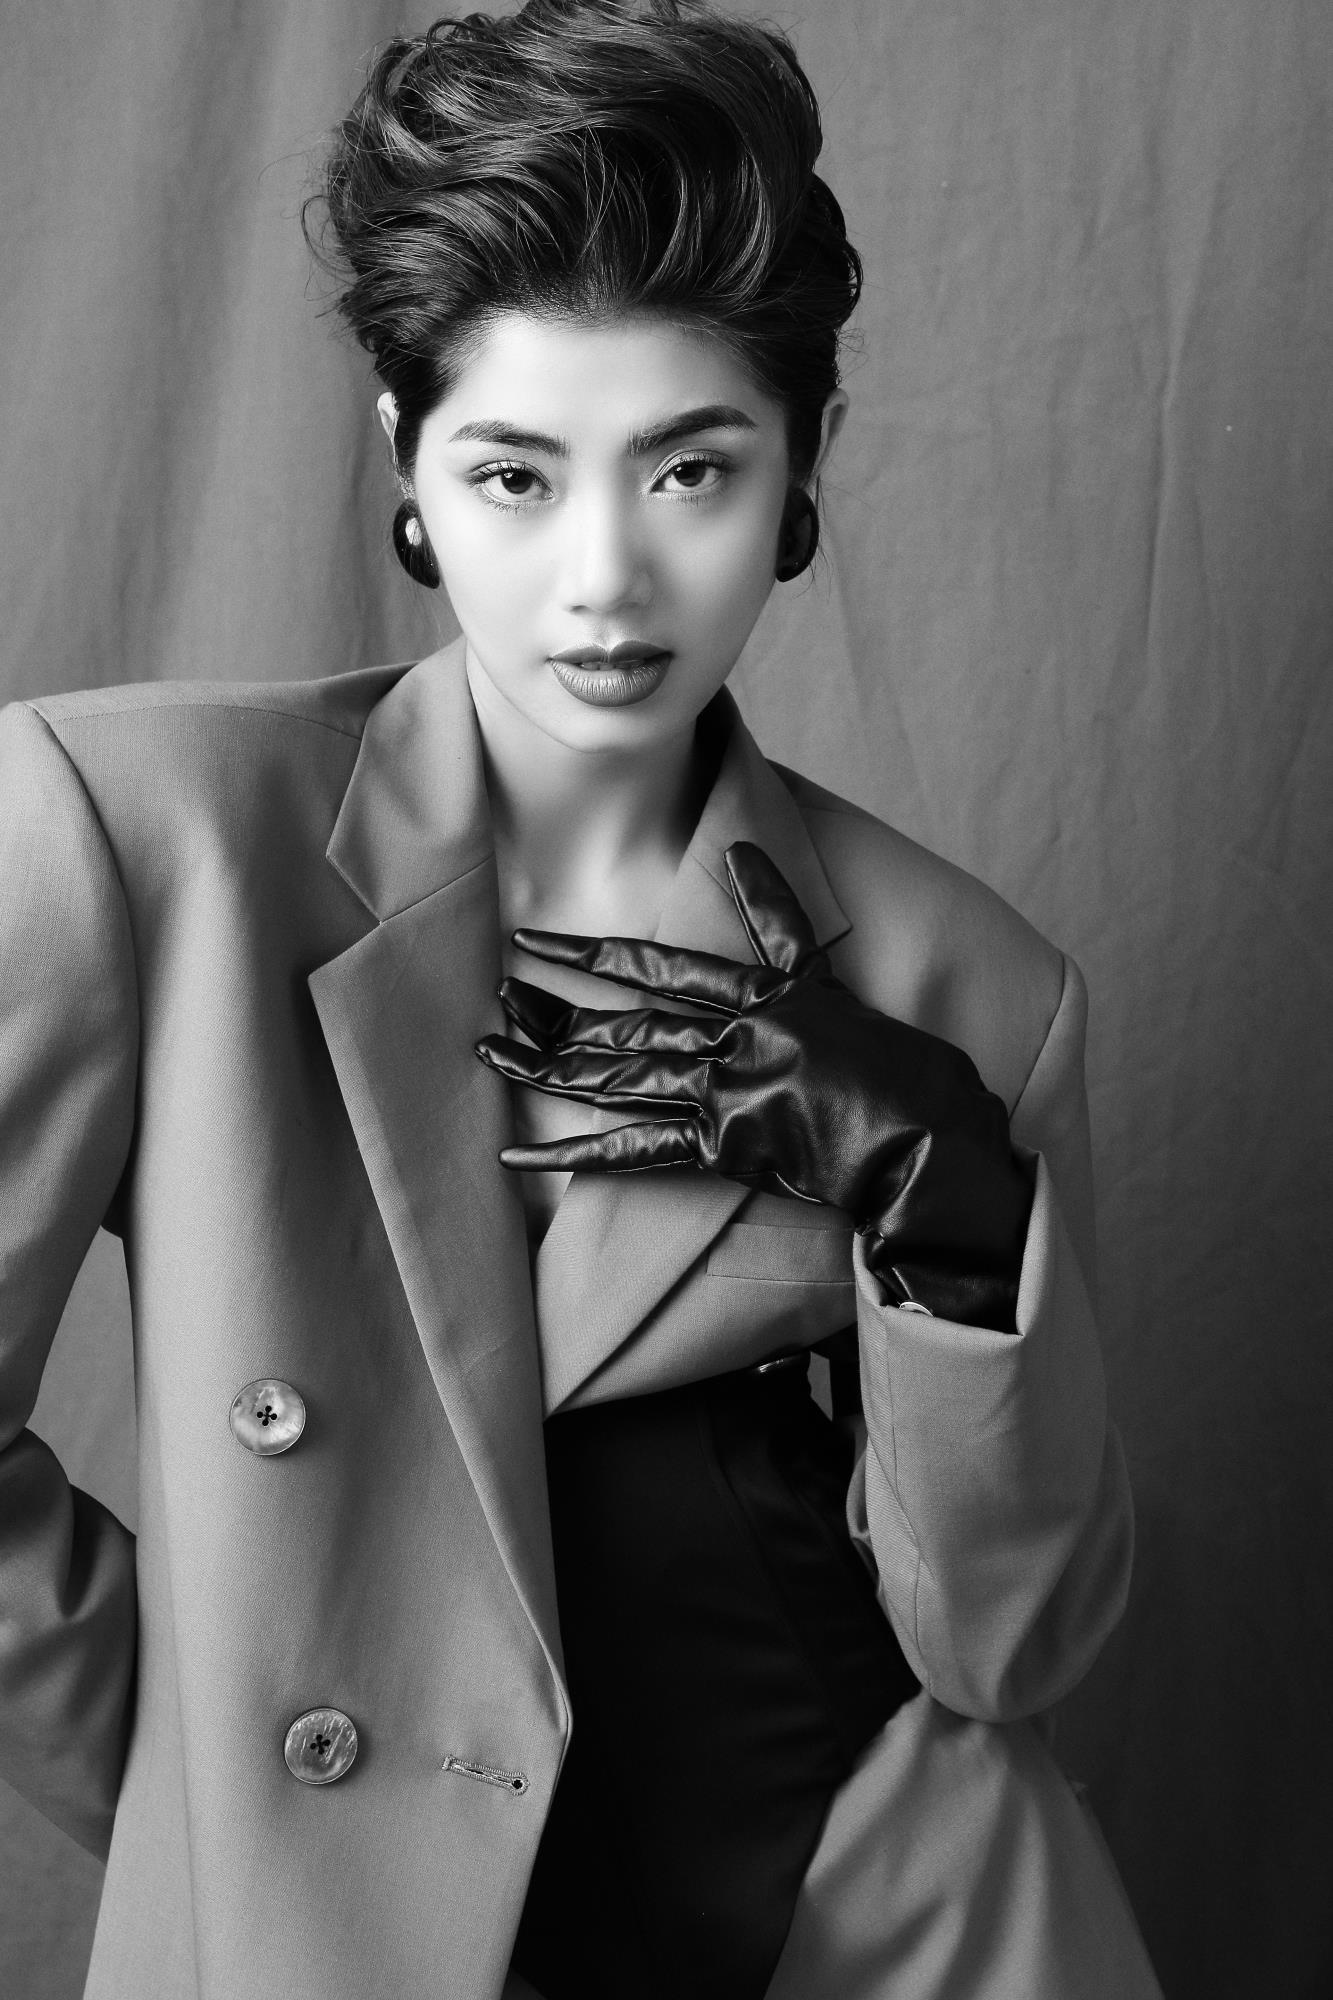 'Bạn gái cũ' của Karik – Đàm Phương Linh khoe vòng 1 'lấp ló' gợi cảm trong những thiết kế high fashion - Ảnh 4